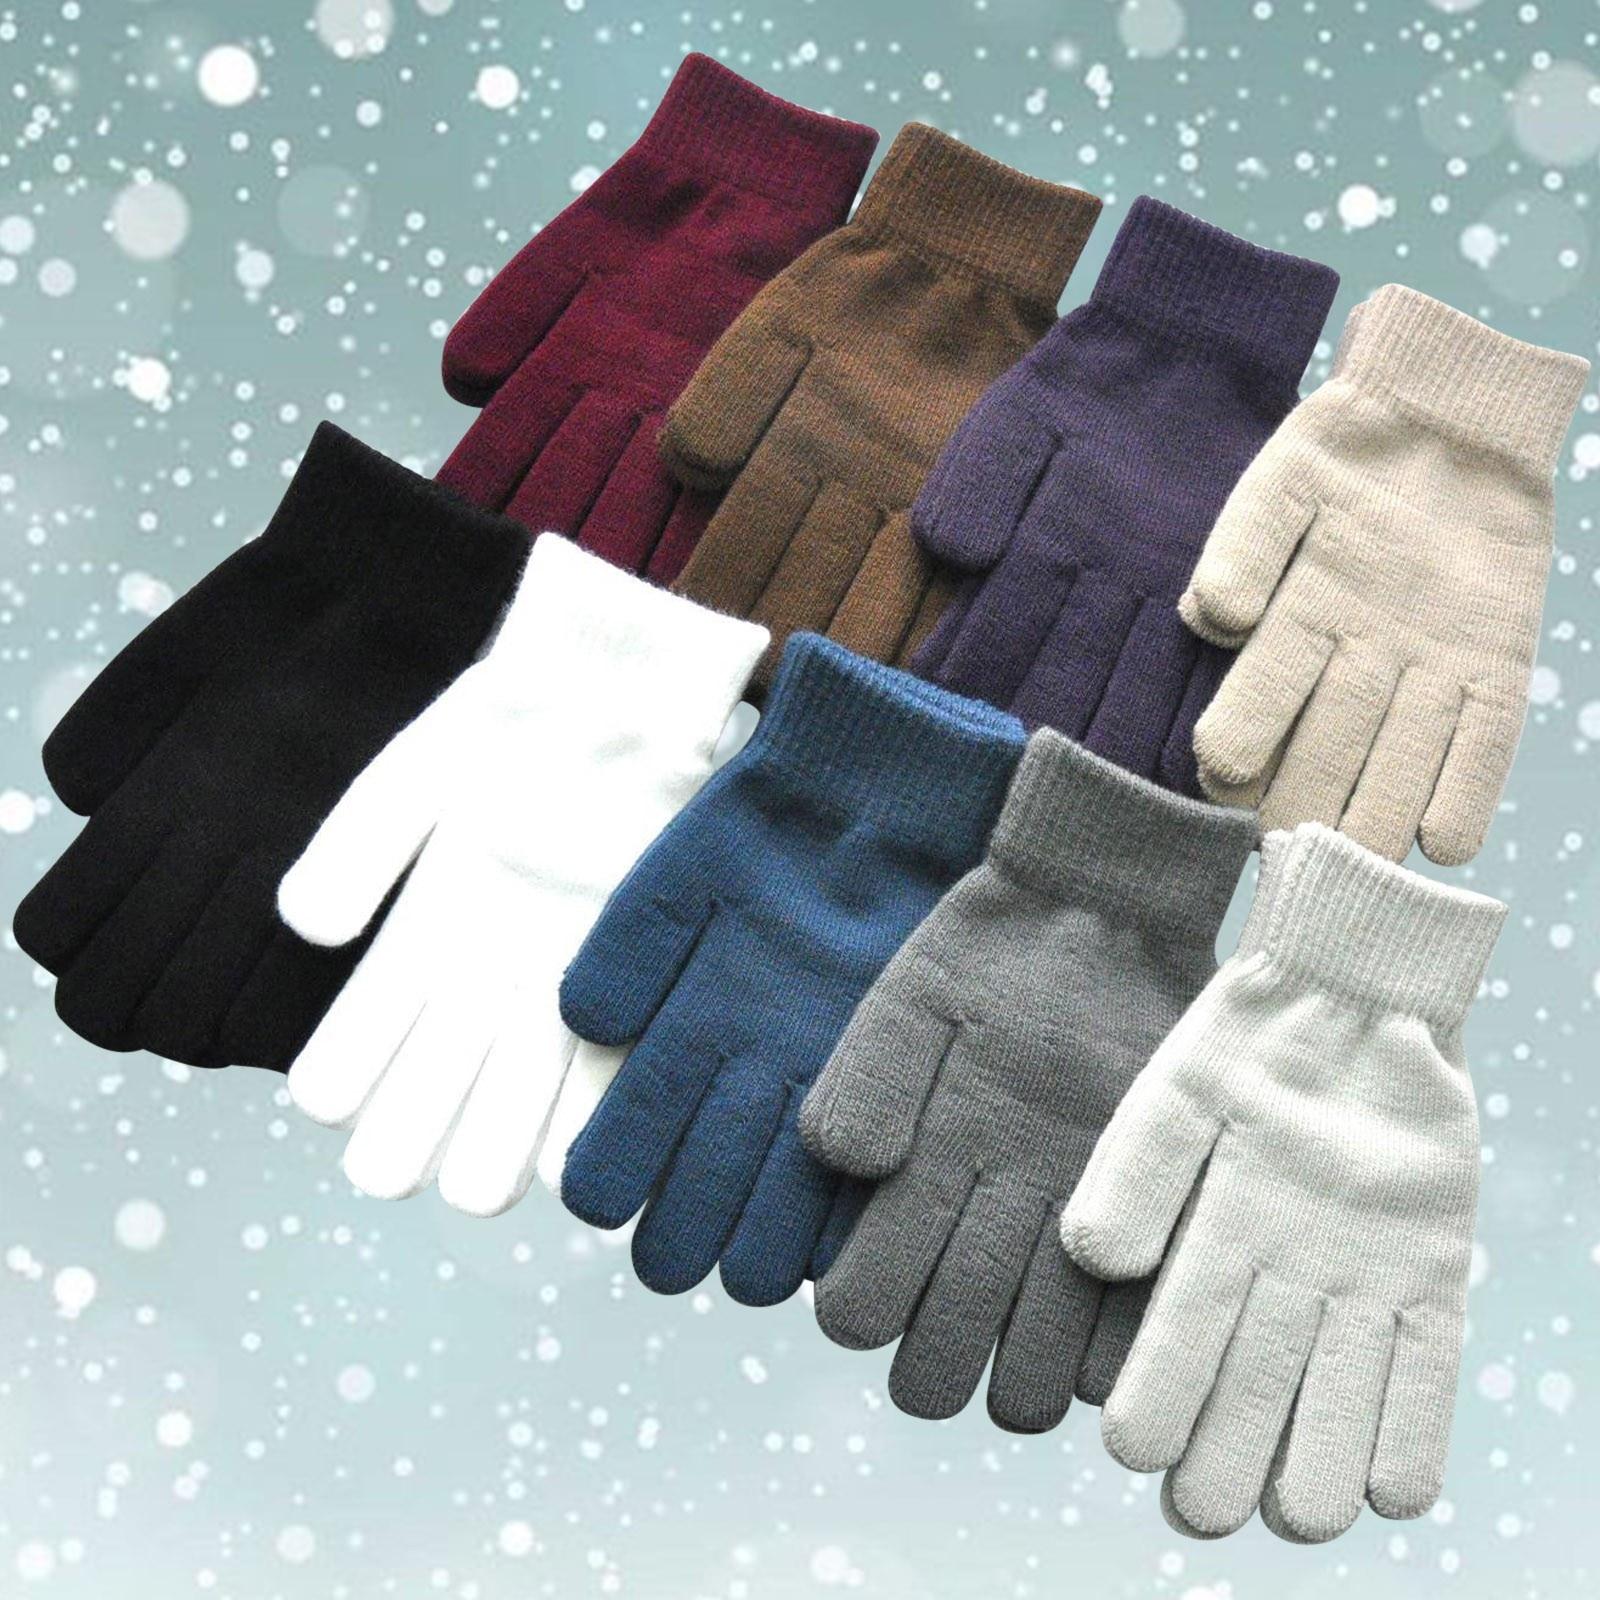 Женские варежки с пальцами, перчатки, детские зимние перчатки, теплые вязаные шерстяные перчатки, зимние теплые флисовые перчатки для верхо...